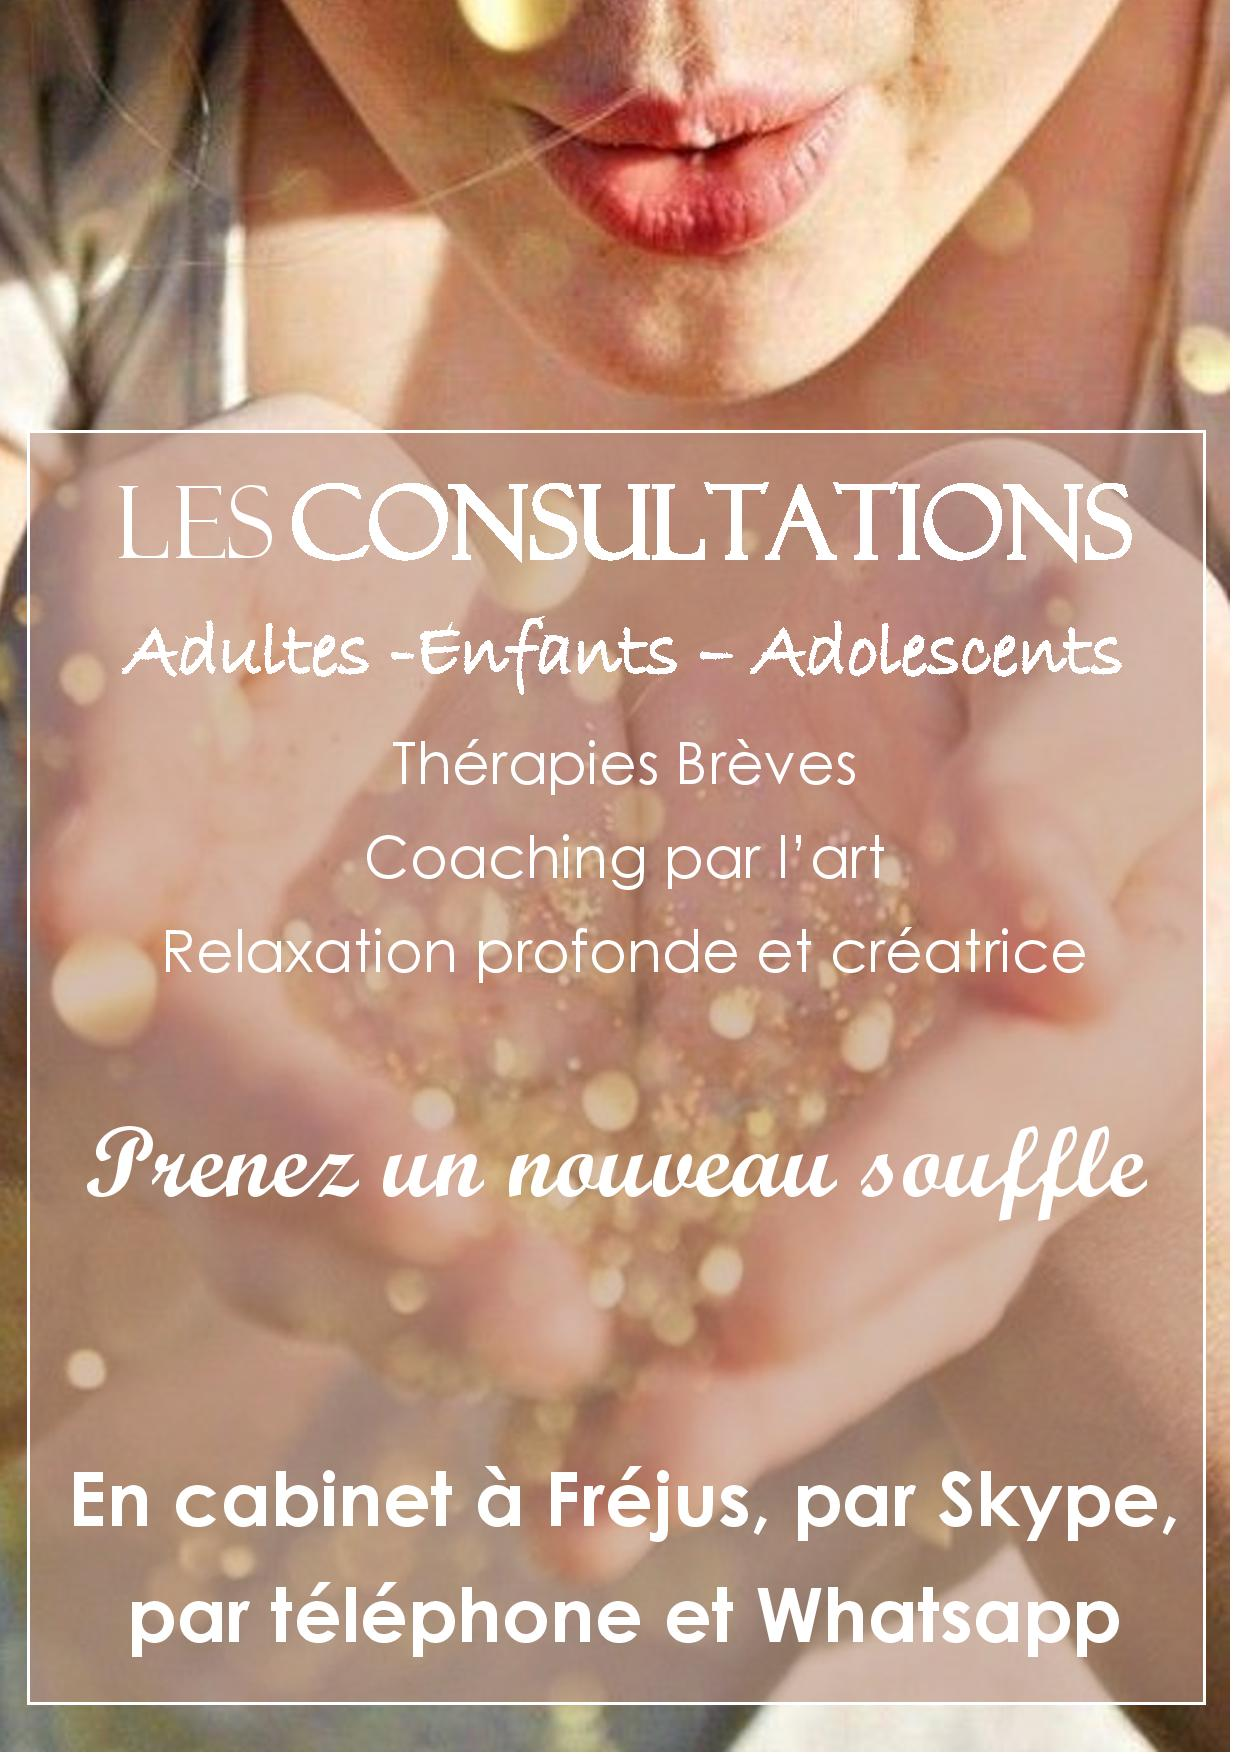 les-consultations-sylvie-thaon-coach-therapie-breve-gtsconcept-arttherapie-coaching-par-lart-psychotherapeute-frejus-saint-raphael-adultes-enfants-adosecents-trauma emdr